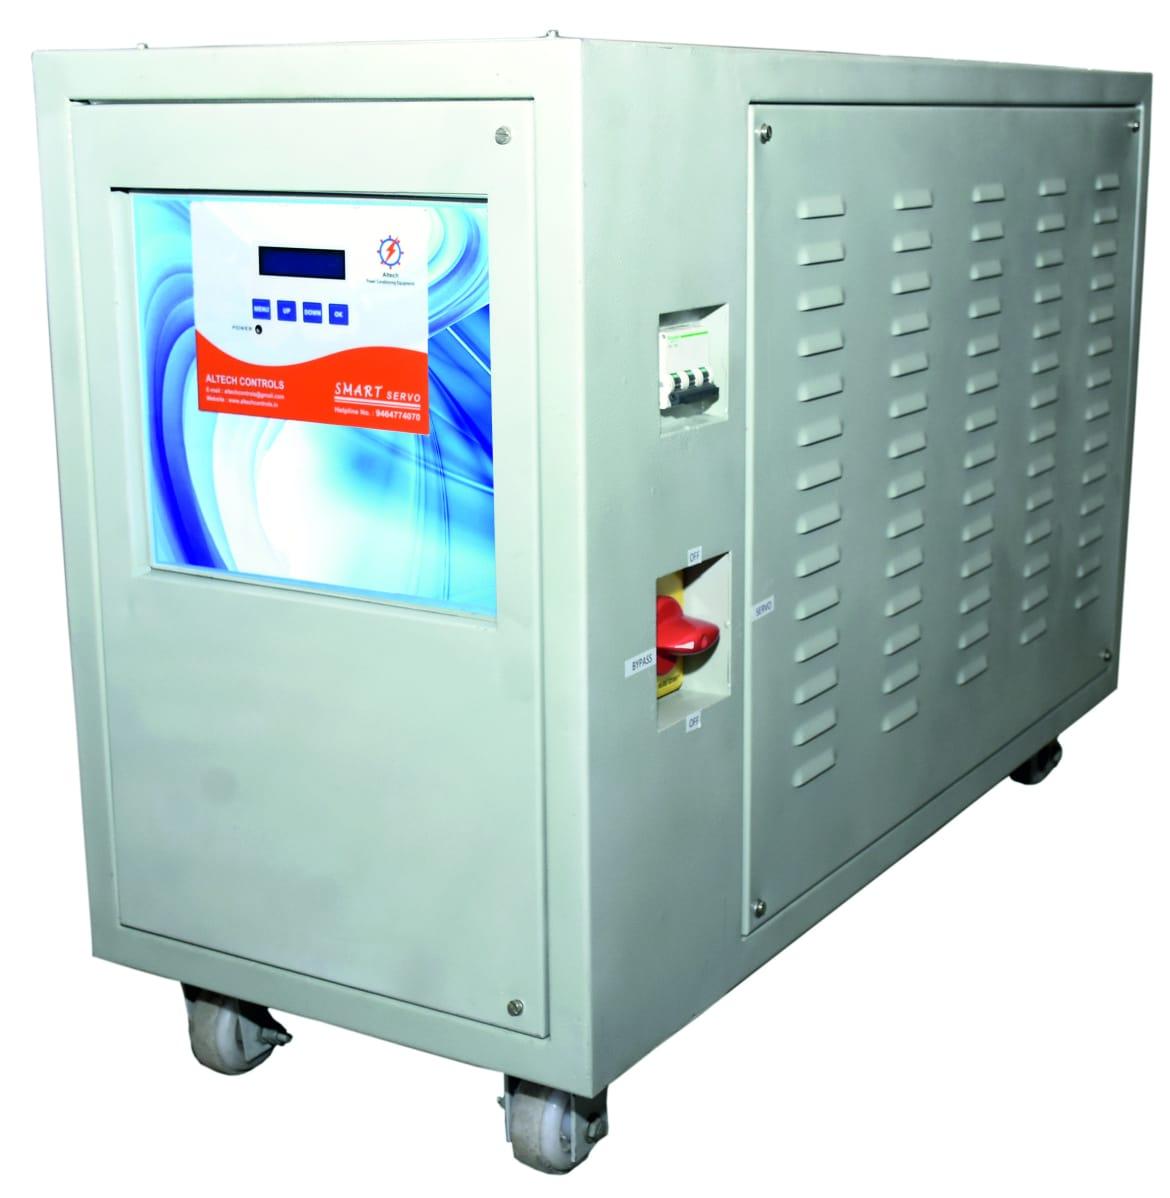 Three Phase Air Cooled Servo Stabiliser | Altech Controls | Three Phase Air Cooled Servo Stabiliser manufacturer in Chandigarh - GLK2851